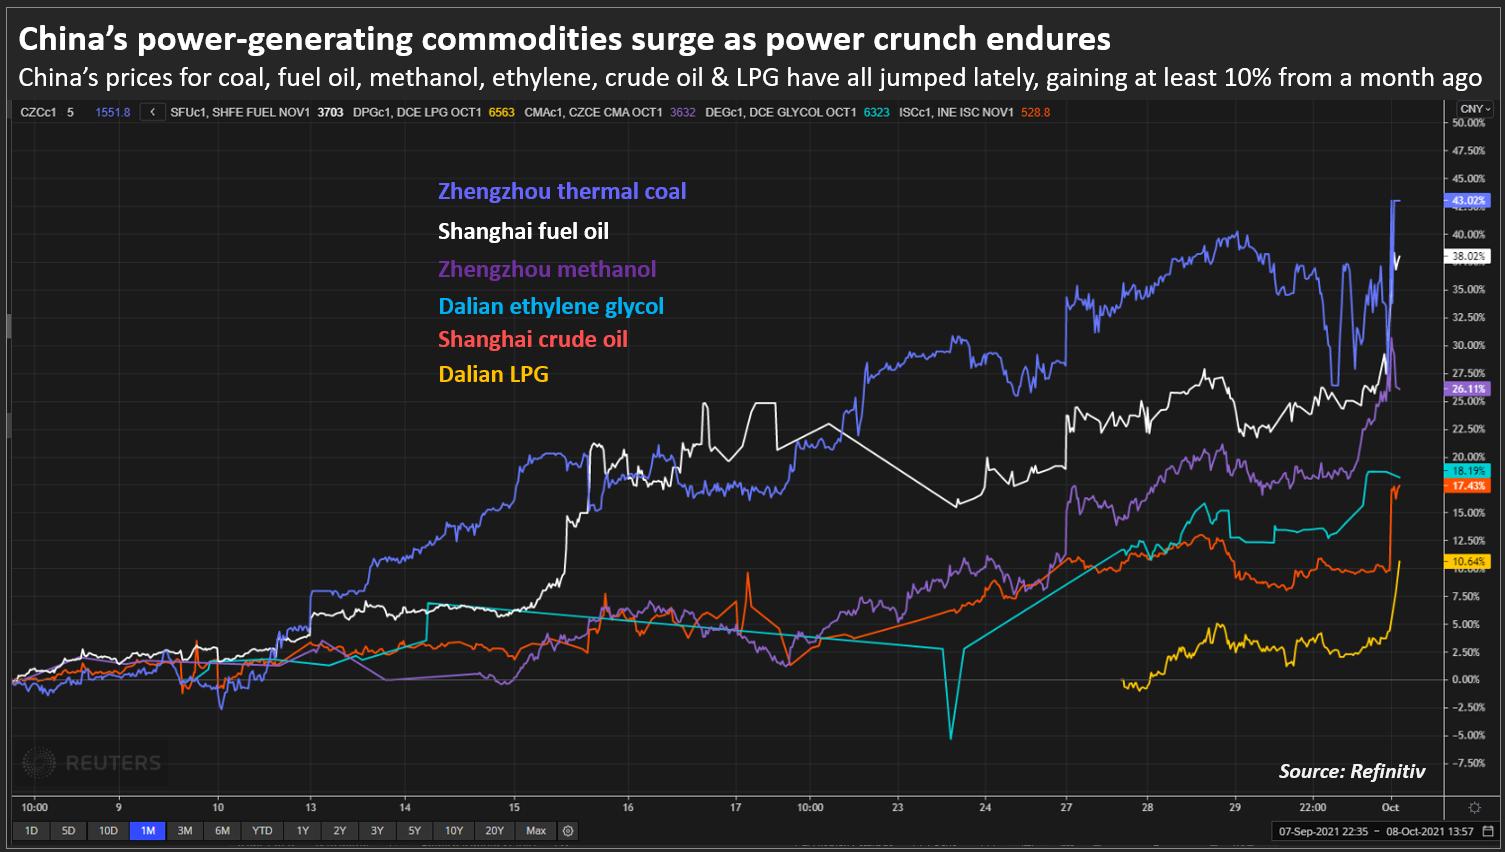 Giá hàng hóa tạo ra năng lượng của Trung Quốc tăng khi khủng hoảng năng lượng tiếp tục